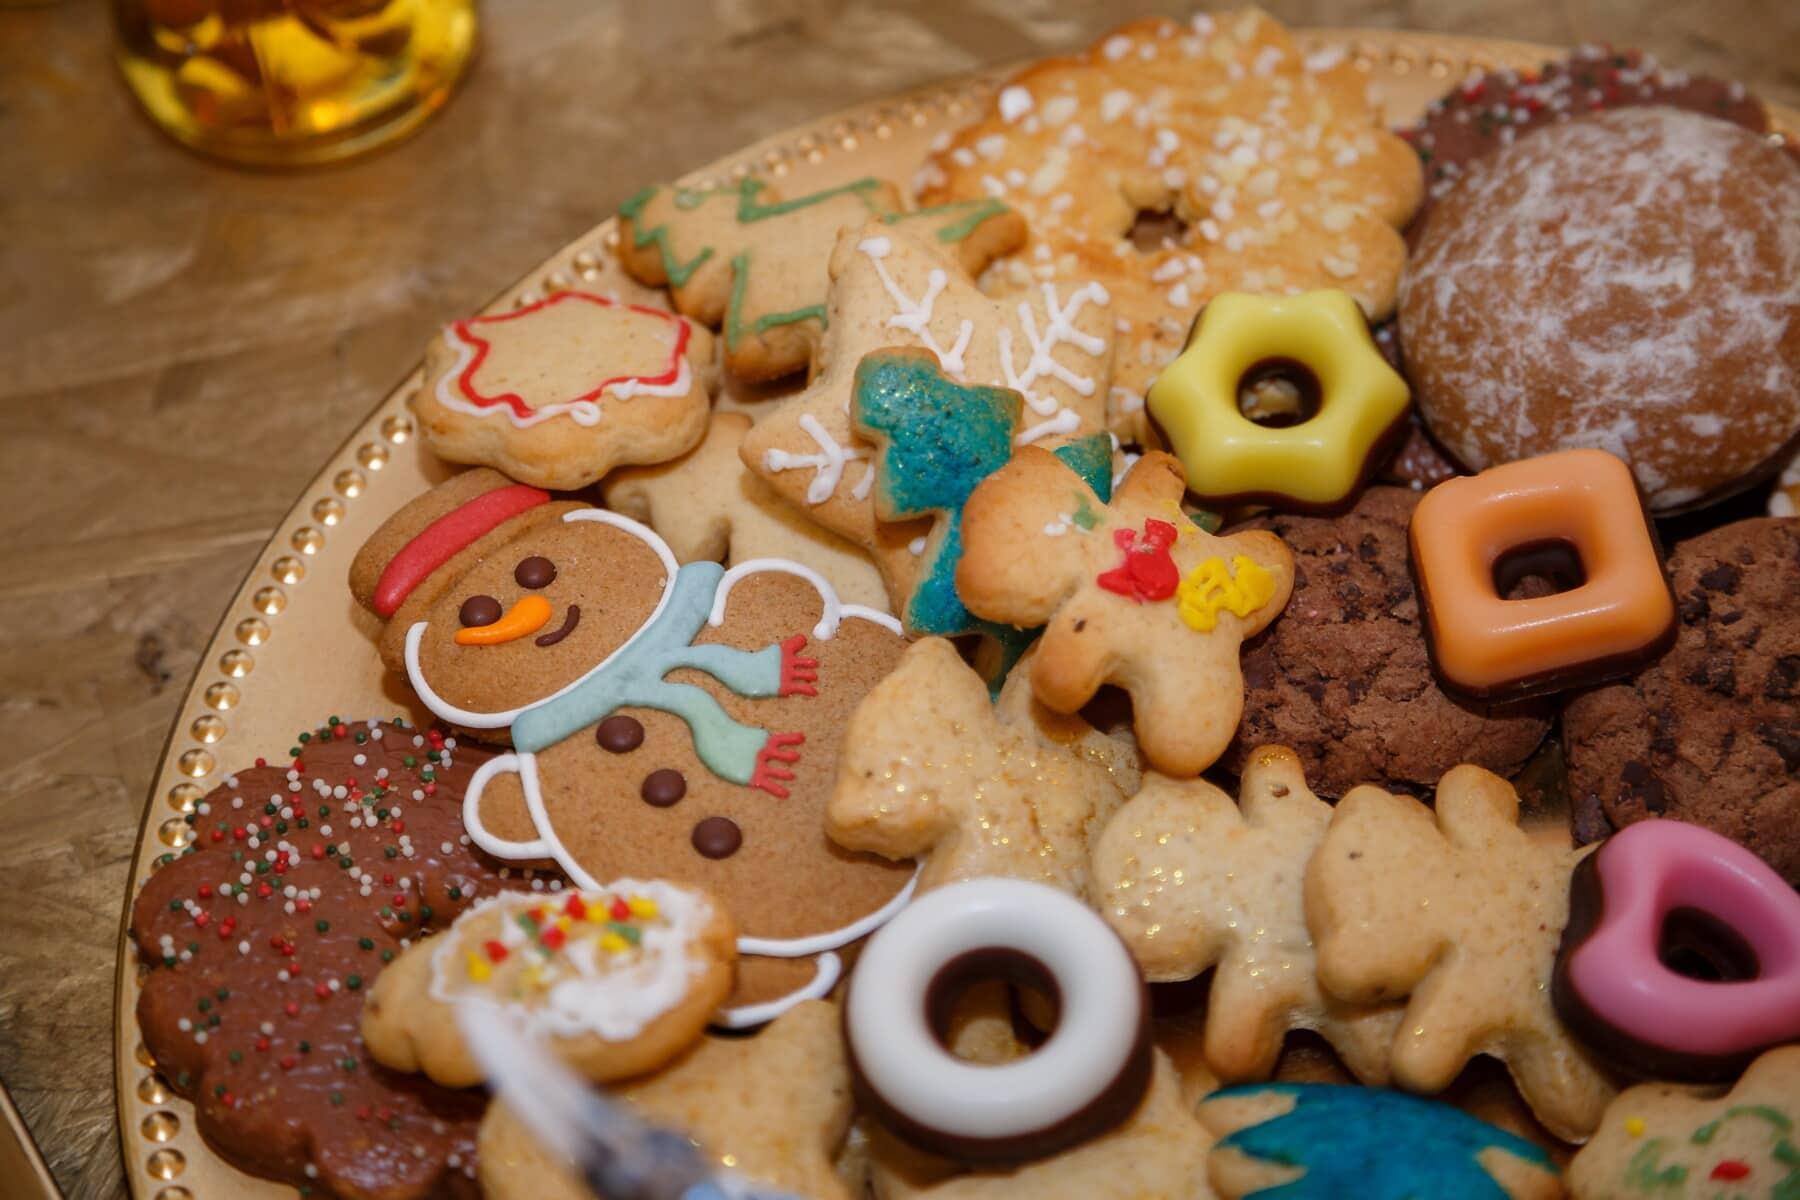 Ingwer, kekse, Schneemann, Keks, Dekoration, Lebkuchen, keks, Backwaren, Essen, Mahlzeit